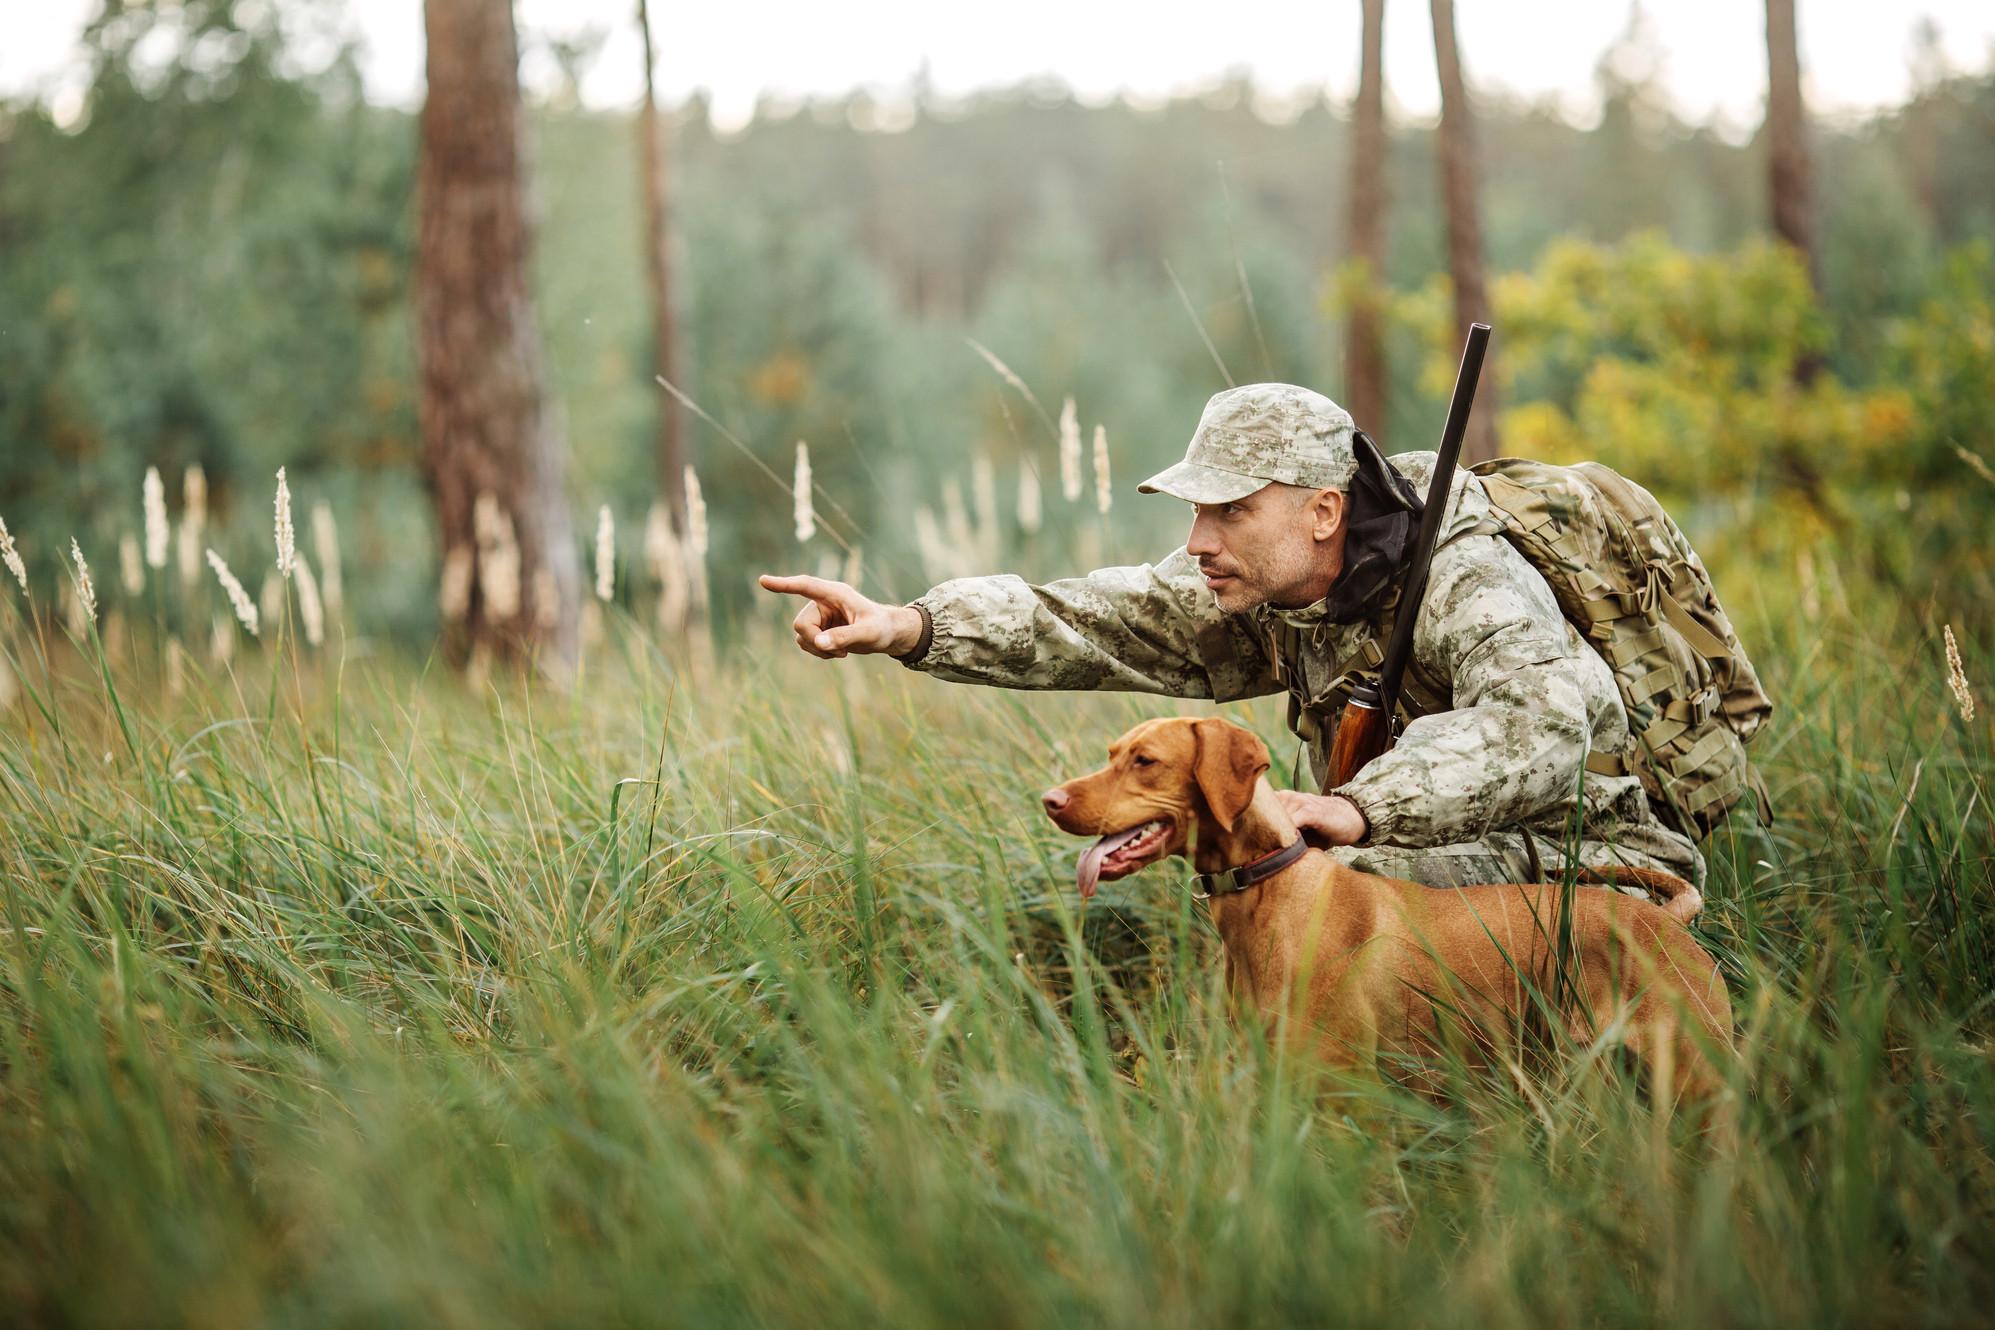 Hunt Expert - приманка для диких копытных животных в Сургуте